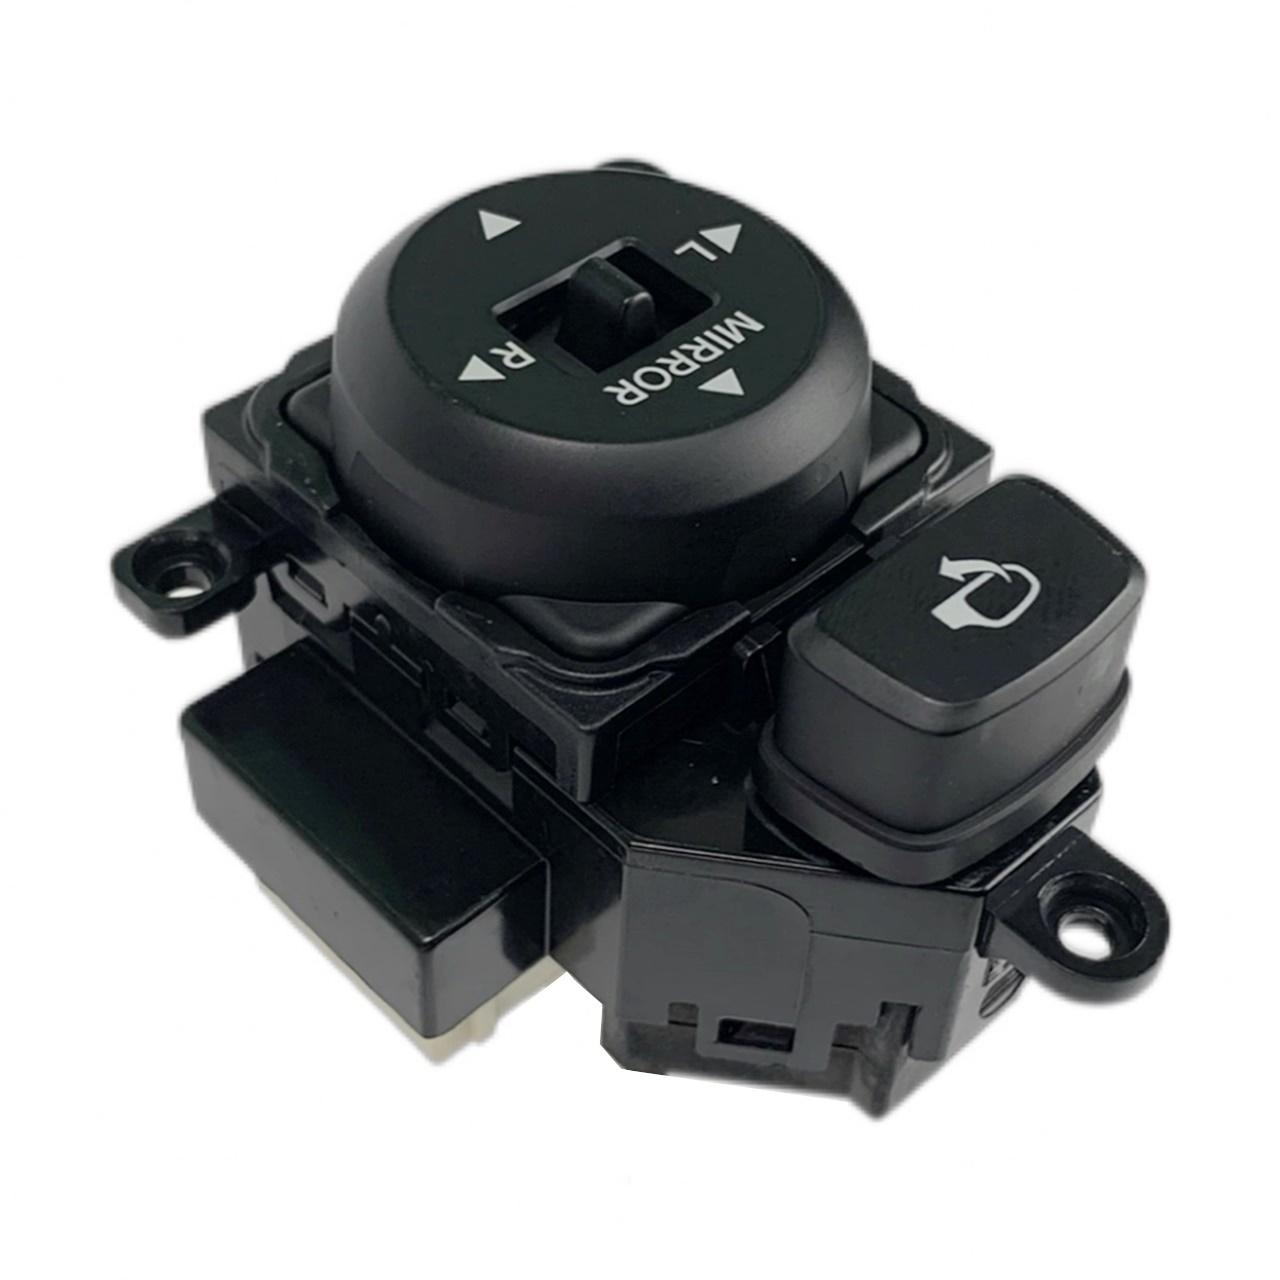 Botão Interruptor de Regulagem do Retrovisor Elétrico com Recolhimento Rebatimento Hyundai I30 08 09 010 011 012